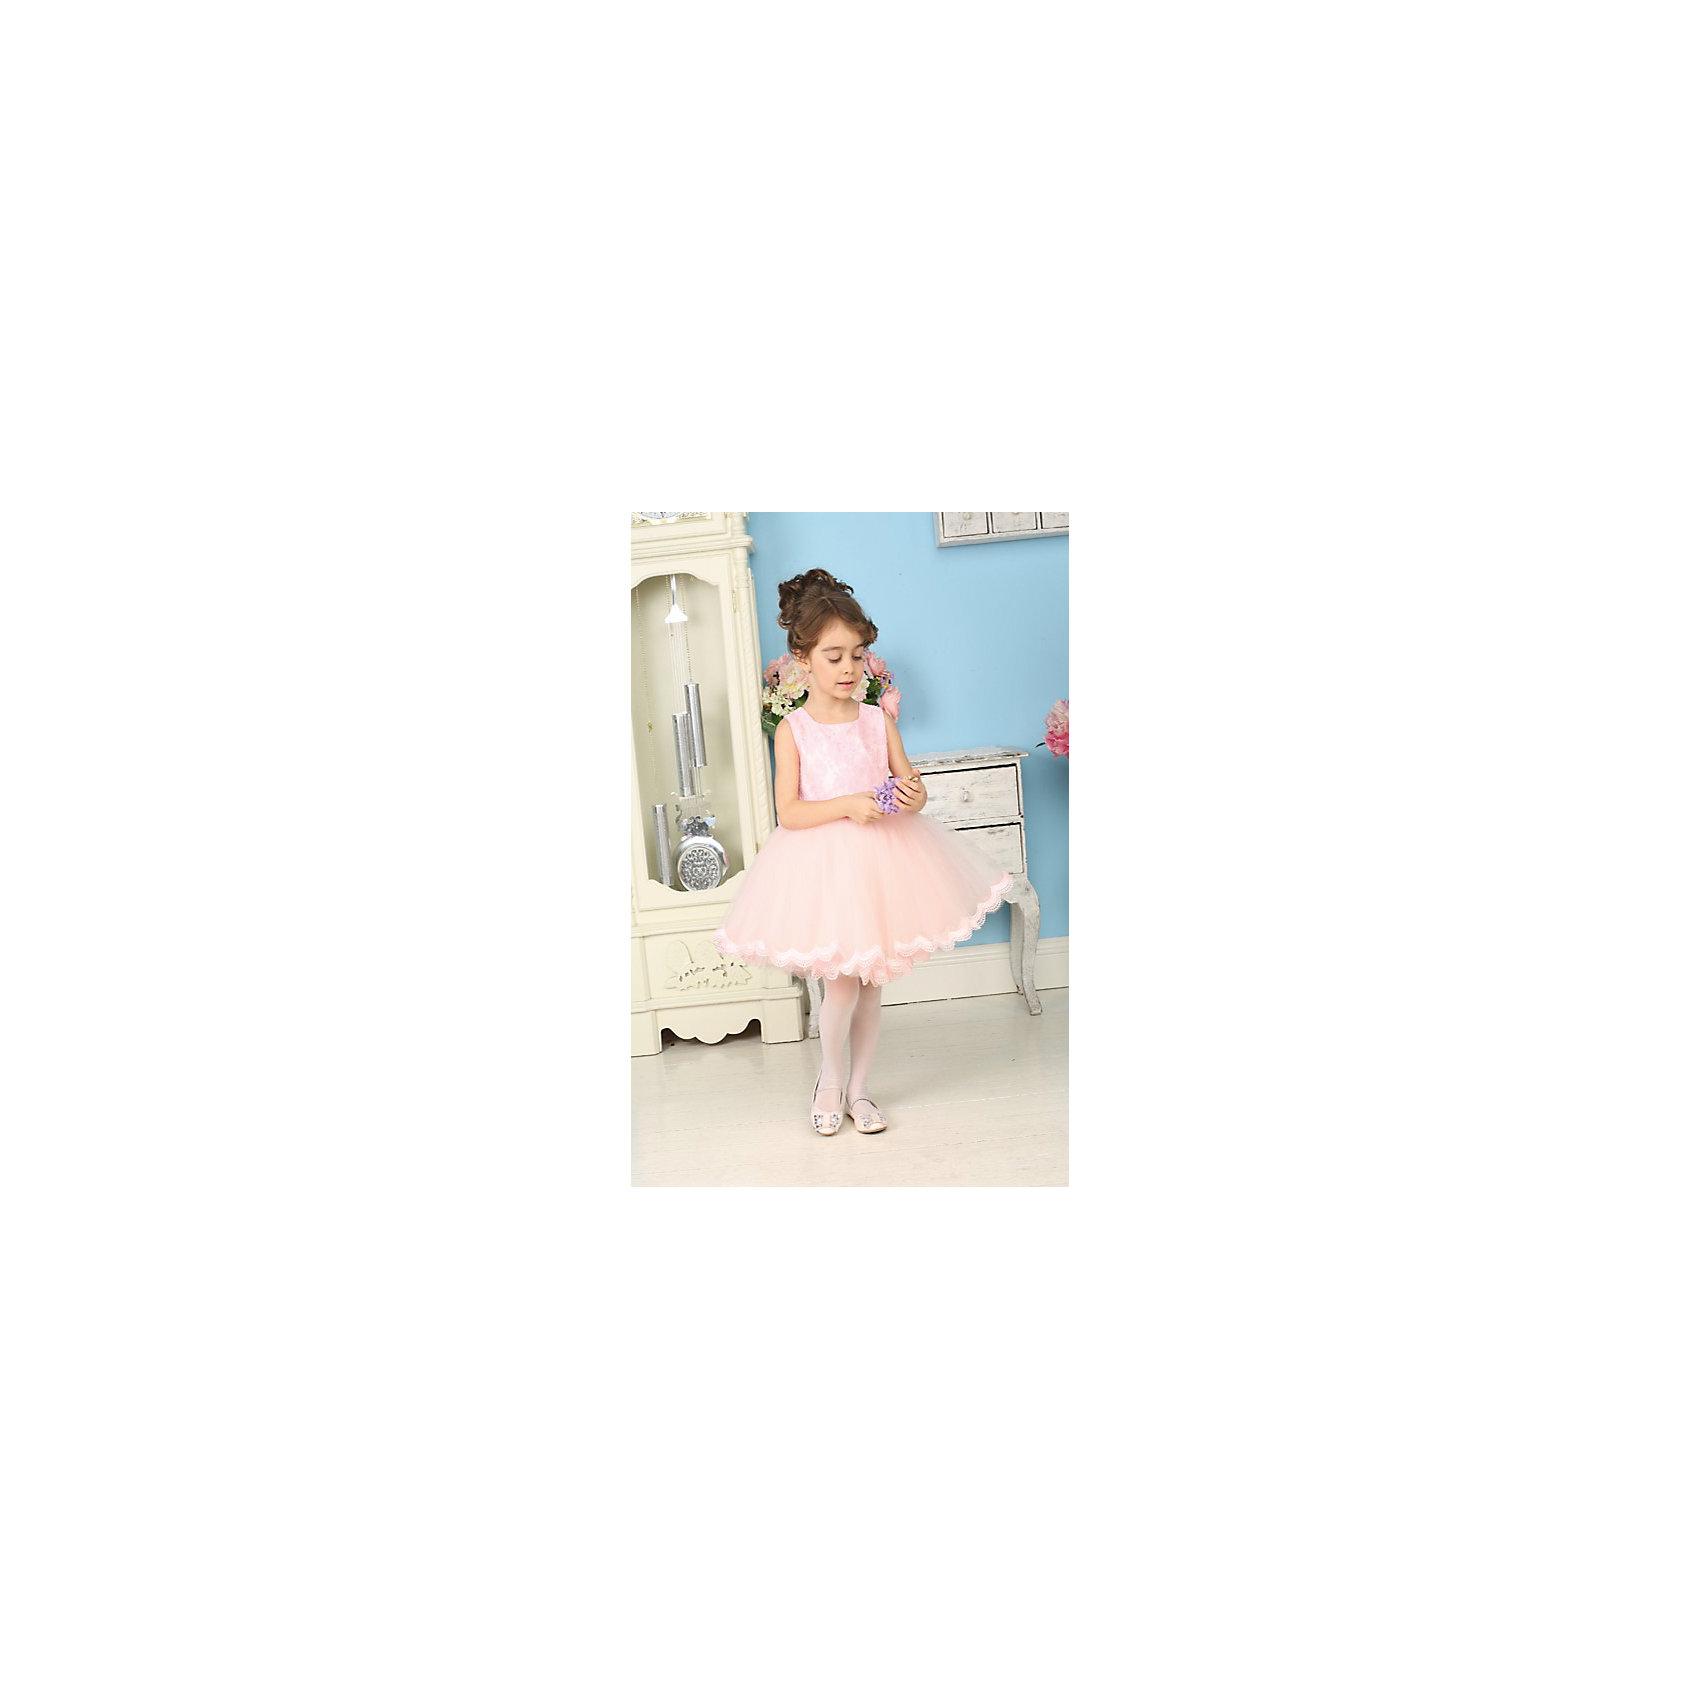 Нарядное платье для девочки Sweet BerryОдежда<br>Нарядное воздушное платье для маленьких принцесс. Верх платья покрыт нежным кружевом. Юбка выполнена в виде пачки из многослойной сетки, по низу юбка украшена кружевом нежно-персикового цвета. Платье застегивается на молнию на спинке. Сзади платье украшено красивым кружевным бантом. Бант съемный.<br>Состав:<br>верх- 100% полиэстер, подклад-100% хлопок<br><br>Ширина мм: 236<br>Глубина мм: 16<br>Высота мм: 184<br>Вес г: 177<br>Цвет: розовый<br>Возраст от месяцев: 36<br>Возраст до месяцев: 48<br>Пол: Женский<br>Возраст: Детский<br>Размер: 104,122,98,110,116,128<br>SKU: 4299480